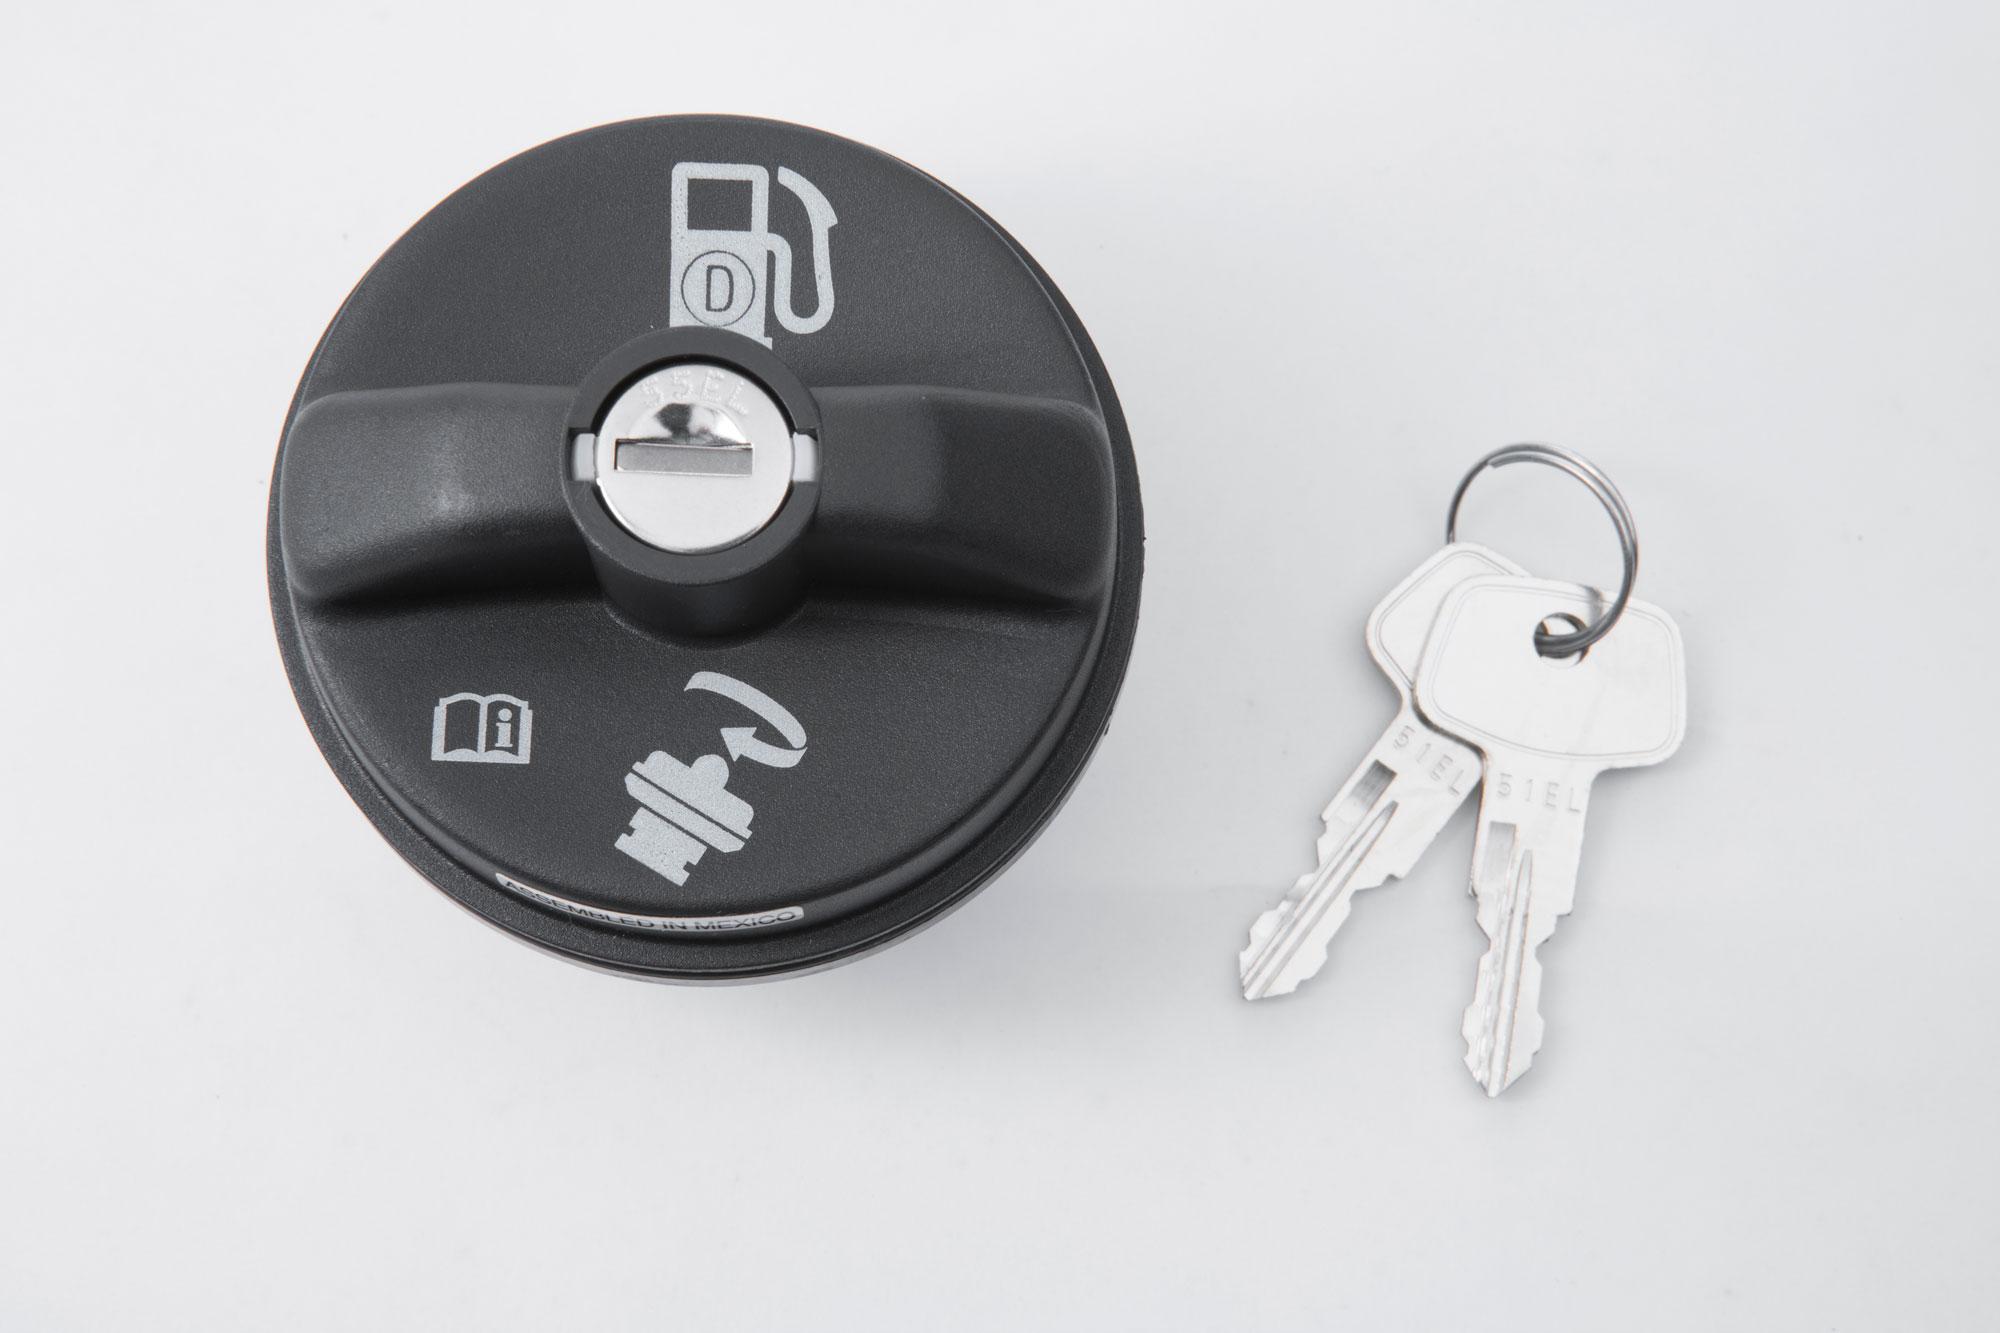 8-15070-014-0 - Isuzu Locking Gas Cap